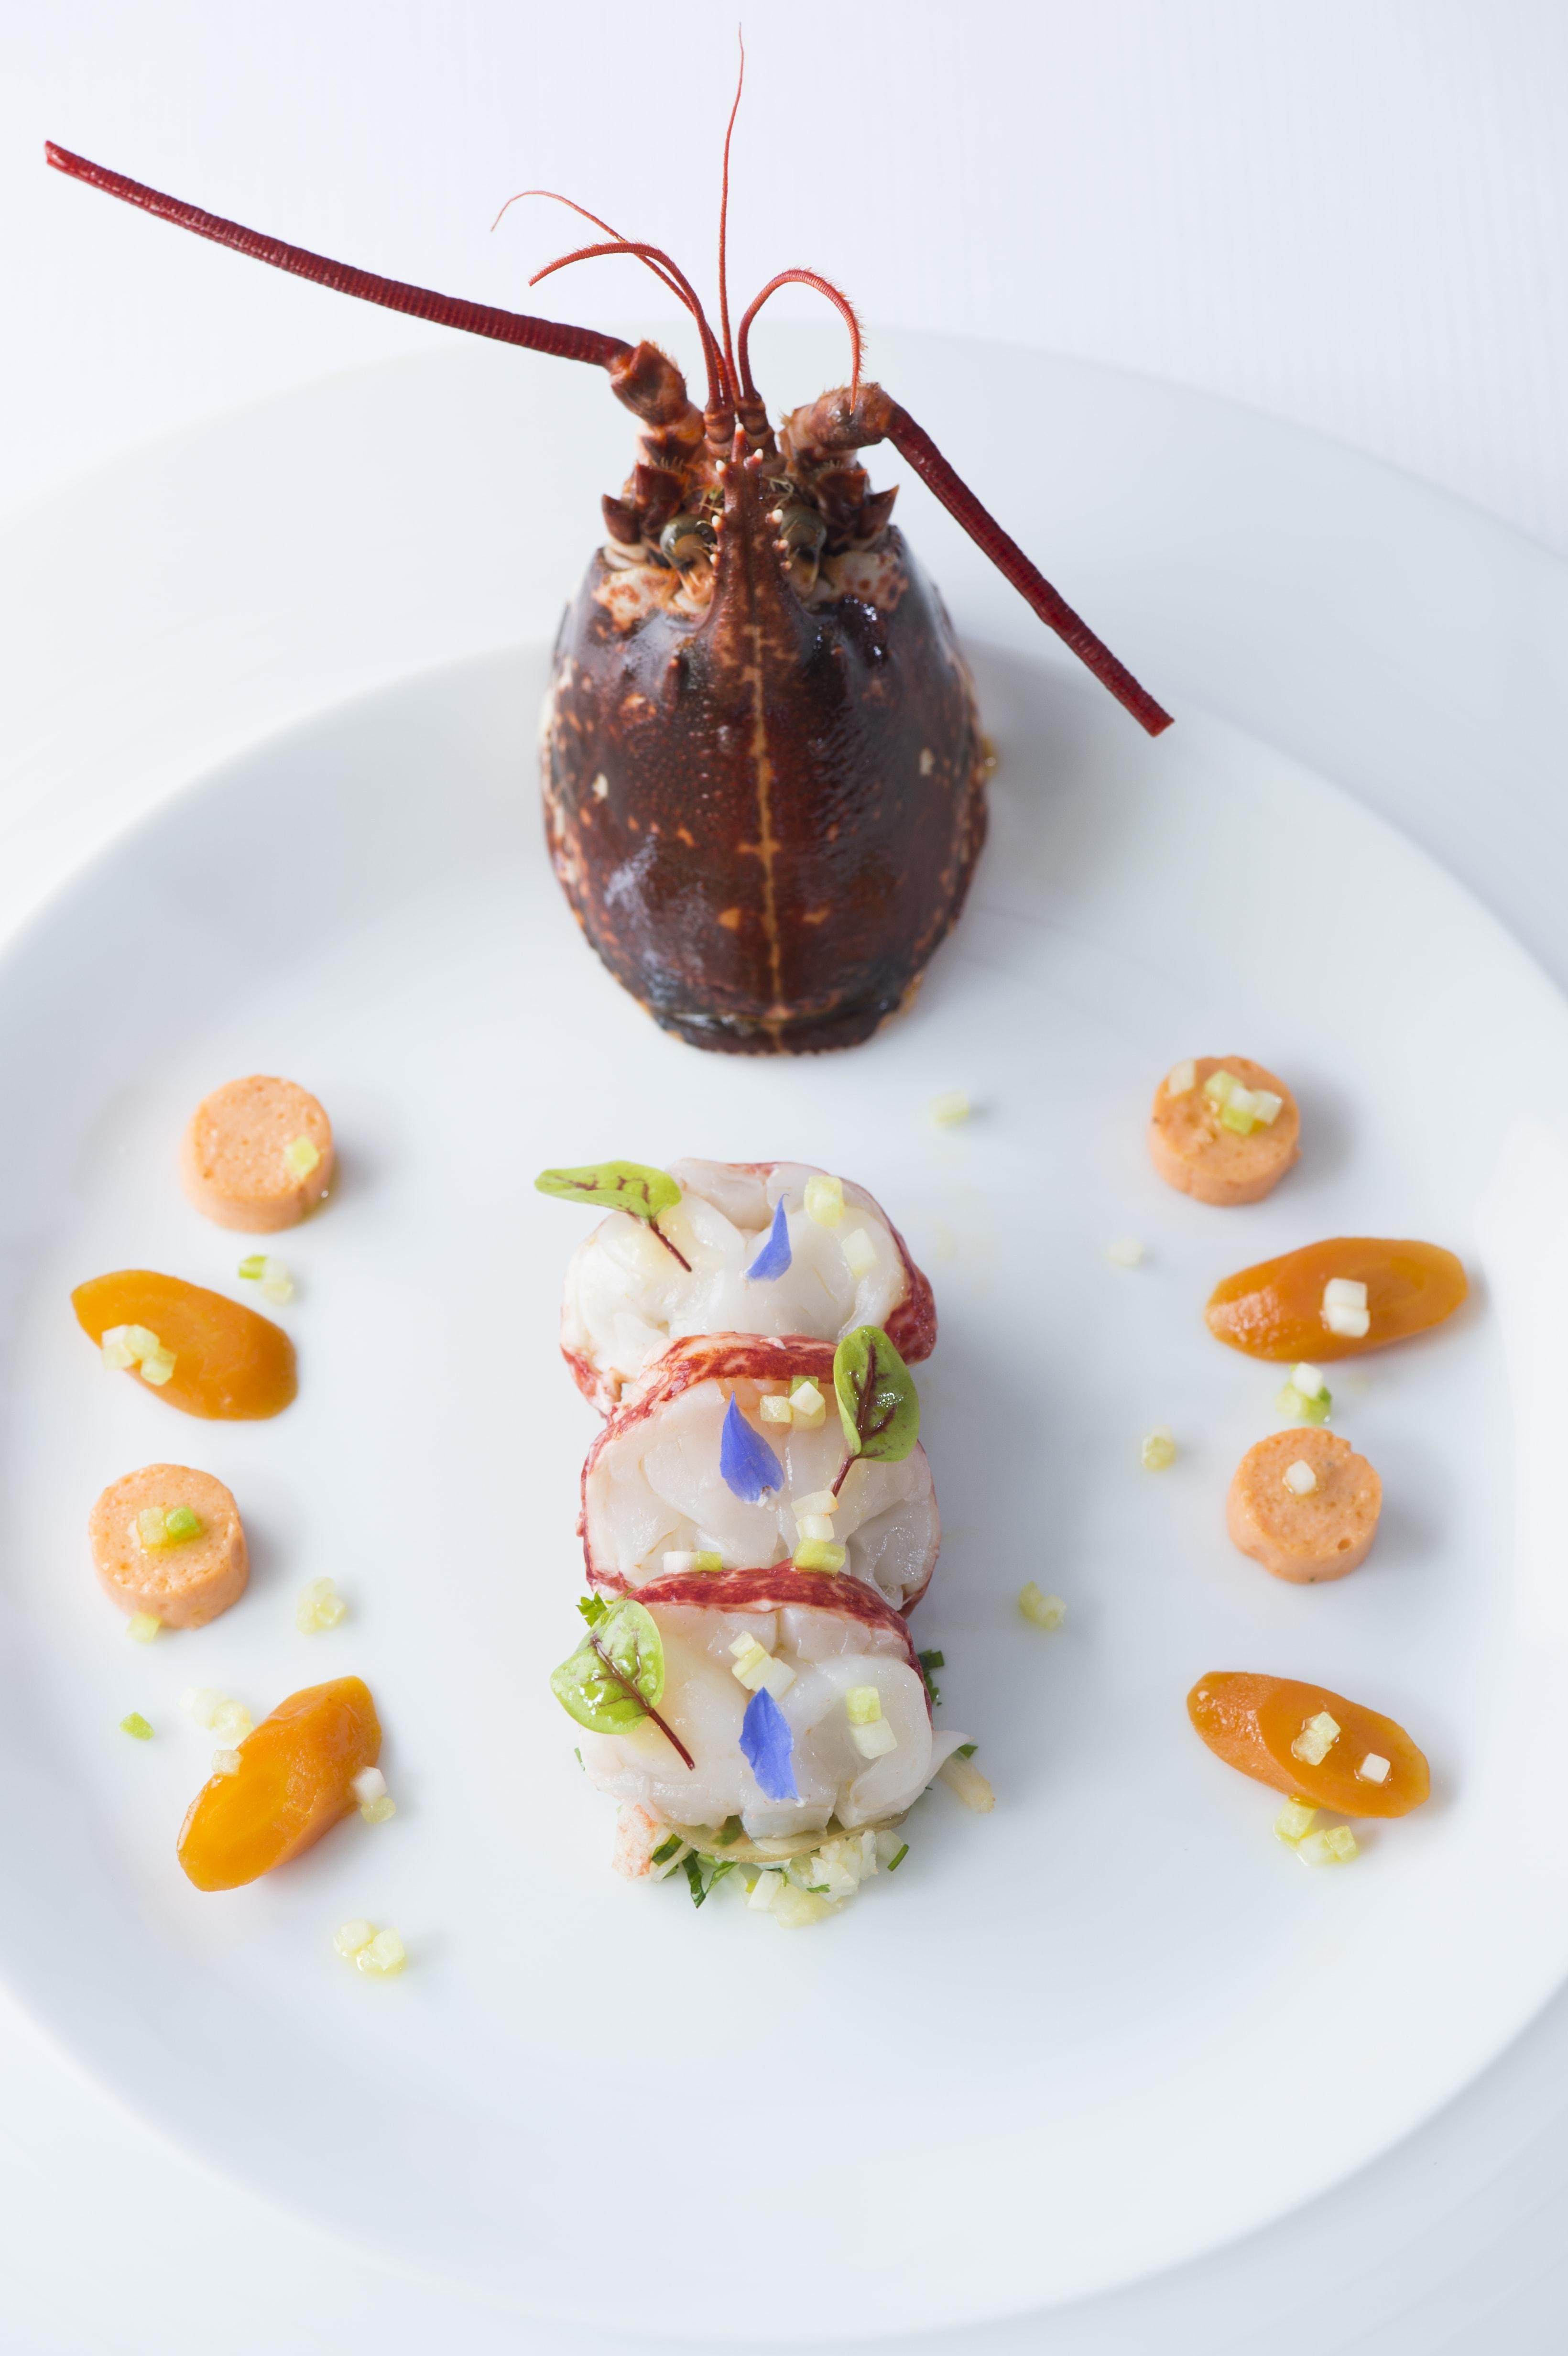 Surprise de homard 2 ©Laurence Mouton-min